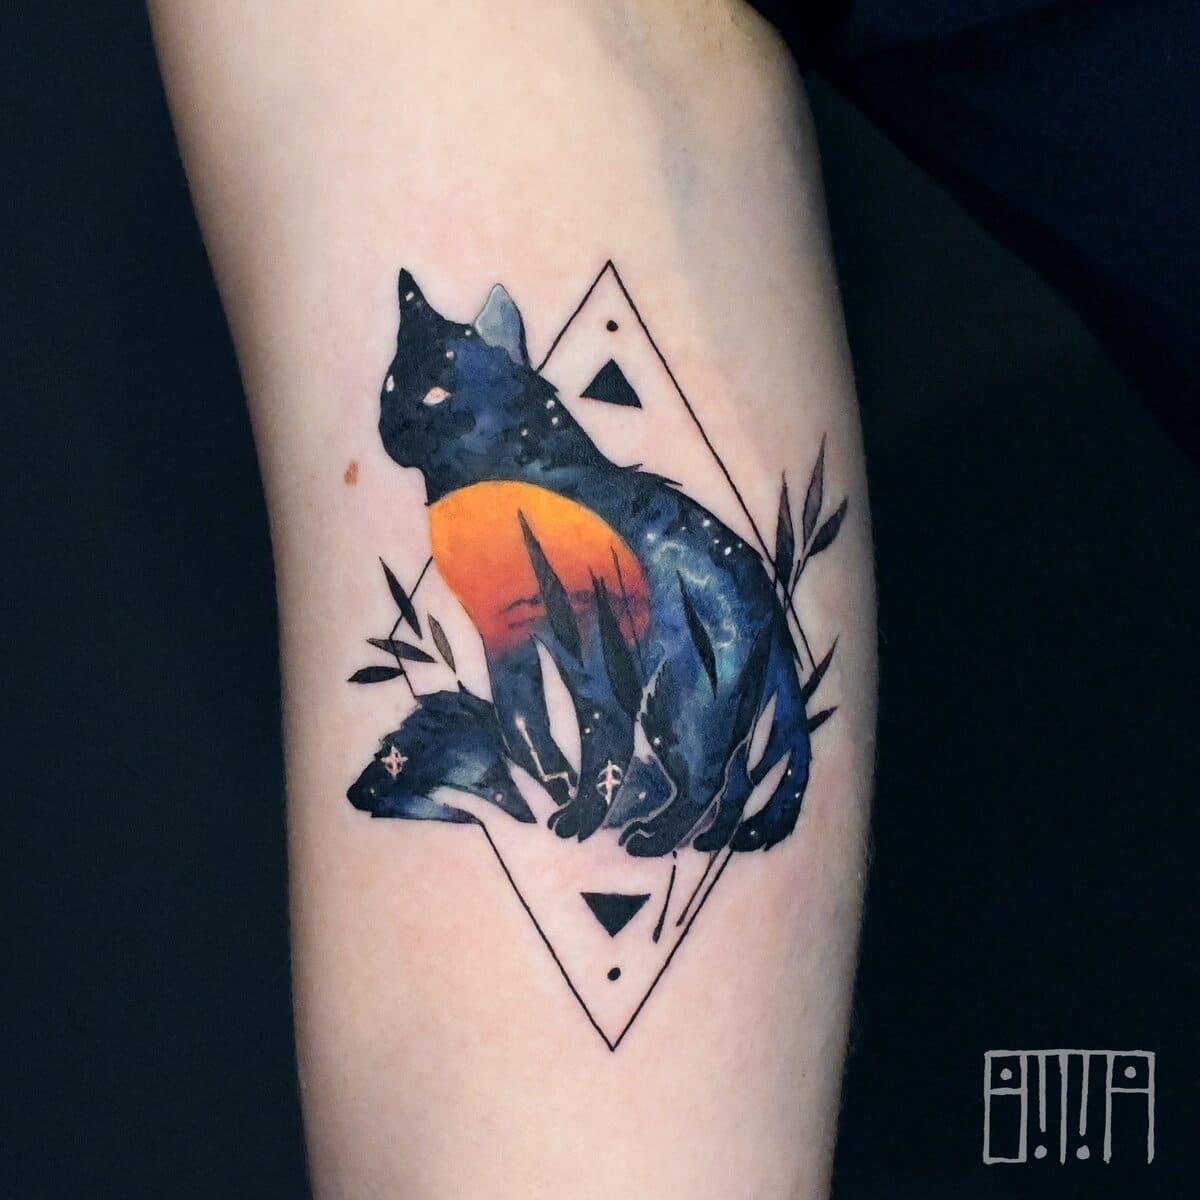 emma-larkin-tattoo-artist-nightcat